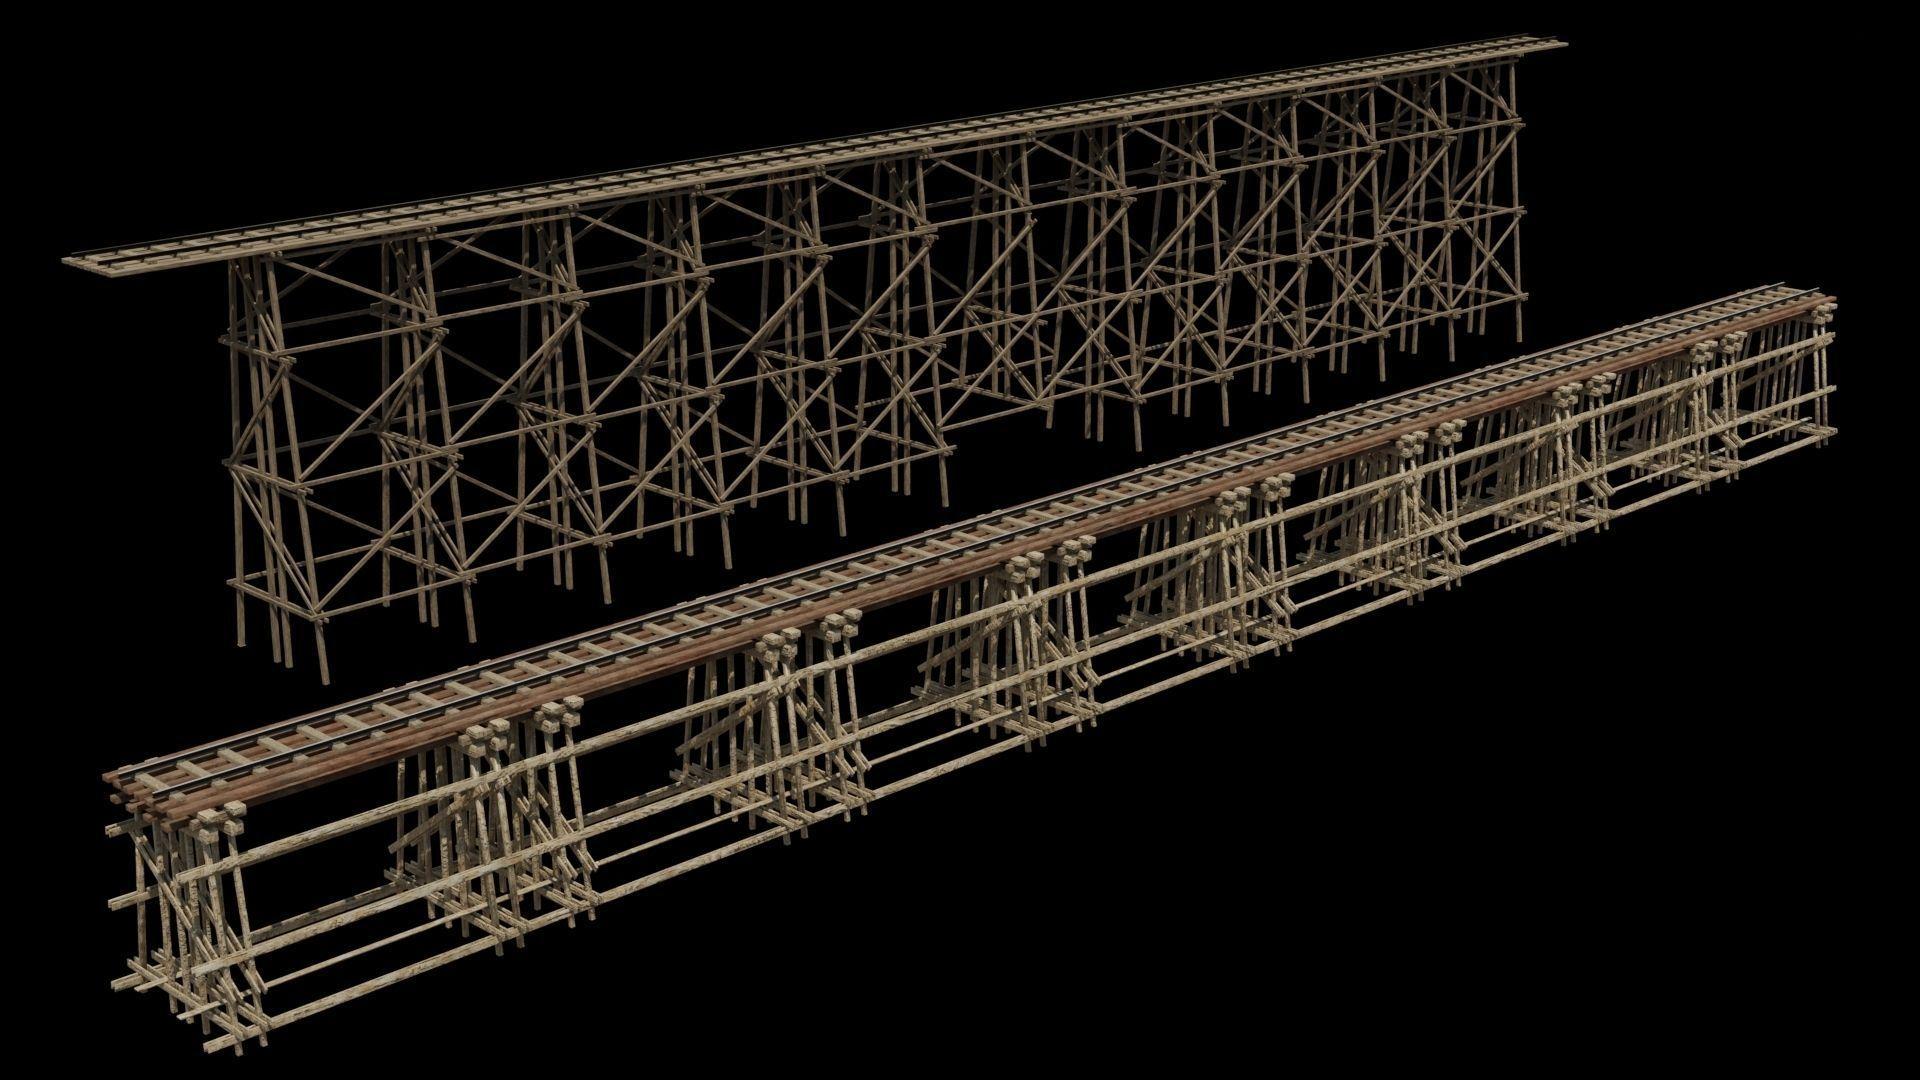 Two models 3D Wood trestle bridge and rail tracks